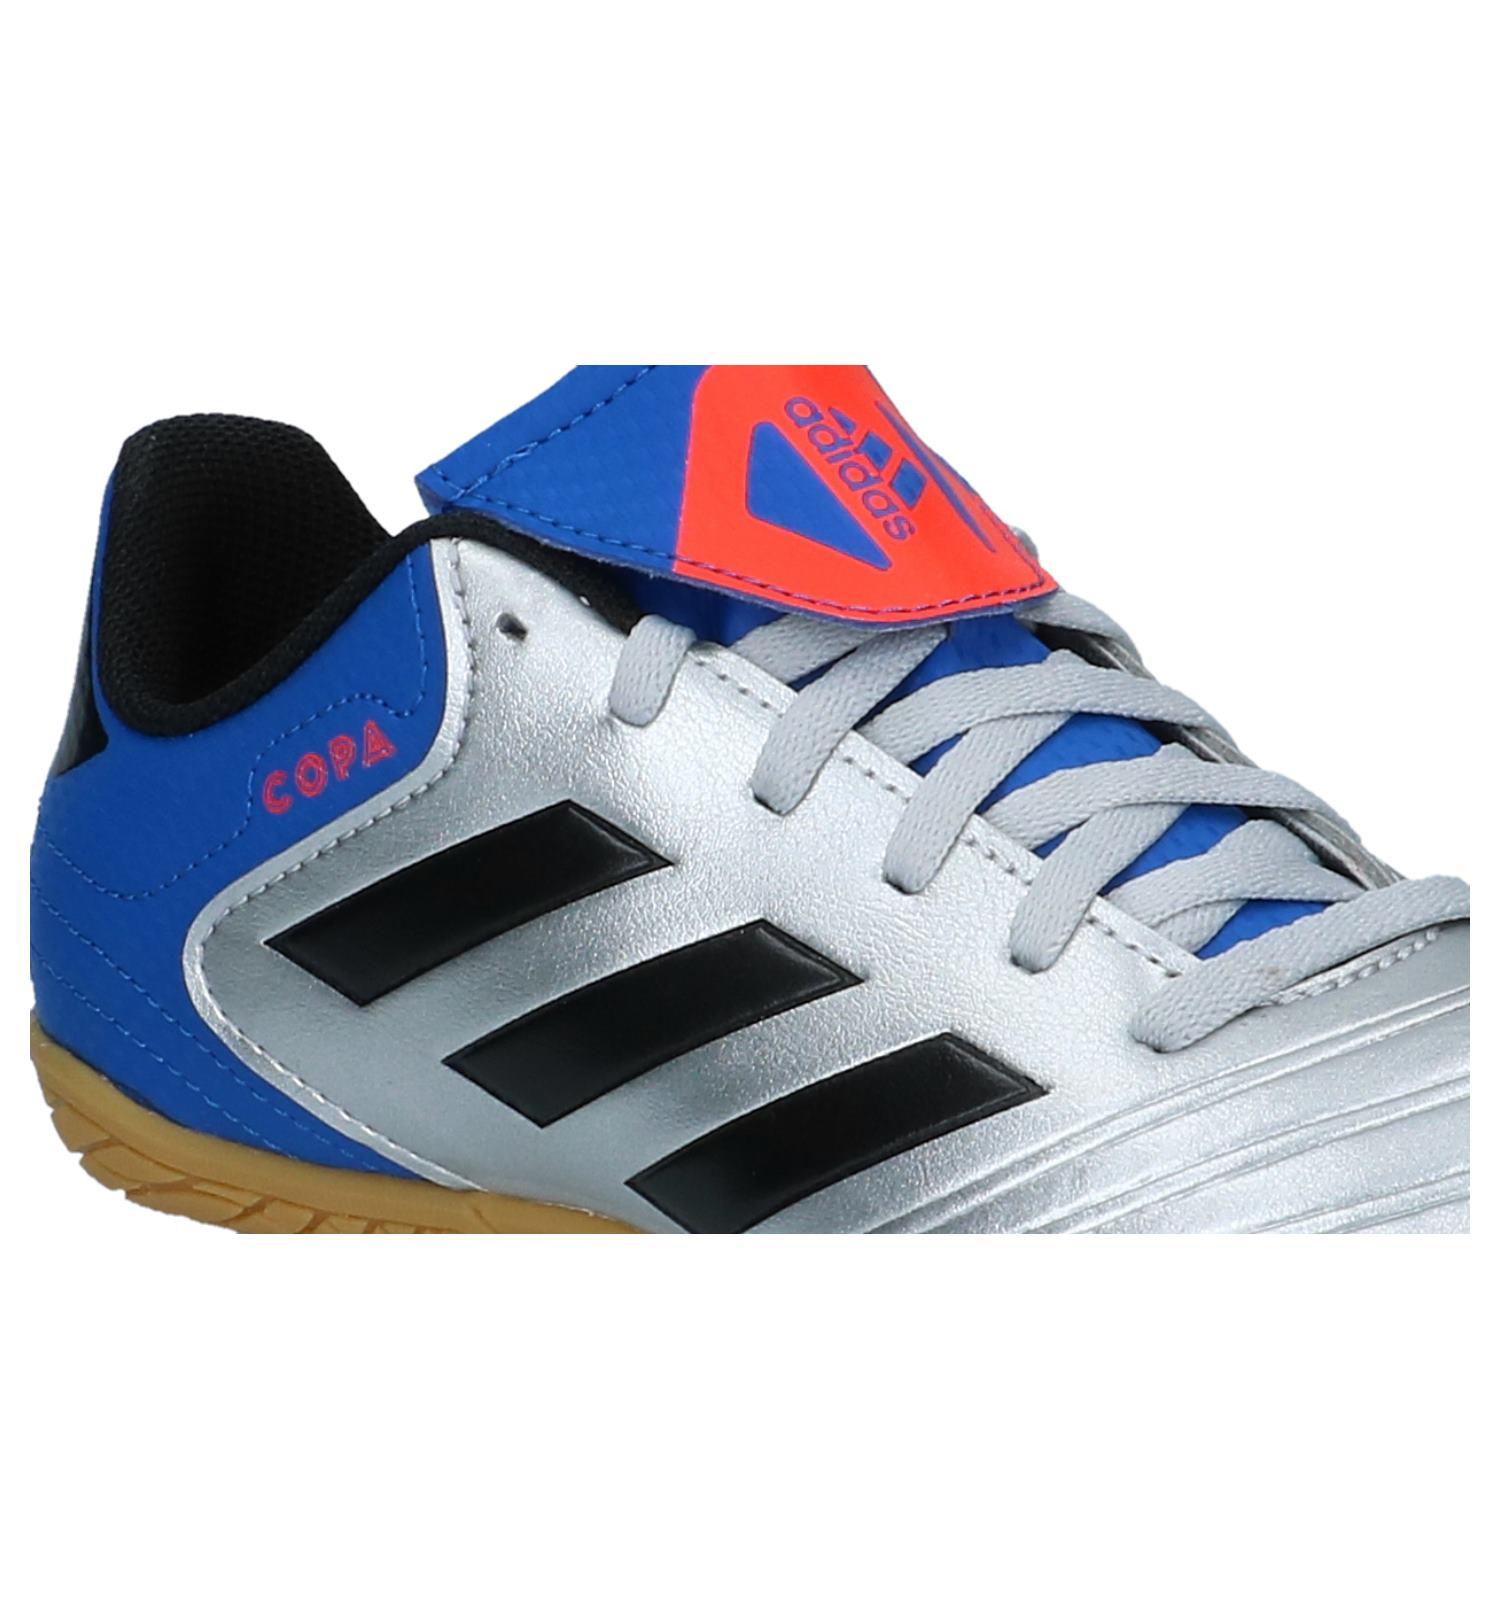 Chaussures Et be Livraison Retour Adidas De FootargentTorfs IygYbfvm67